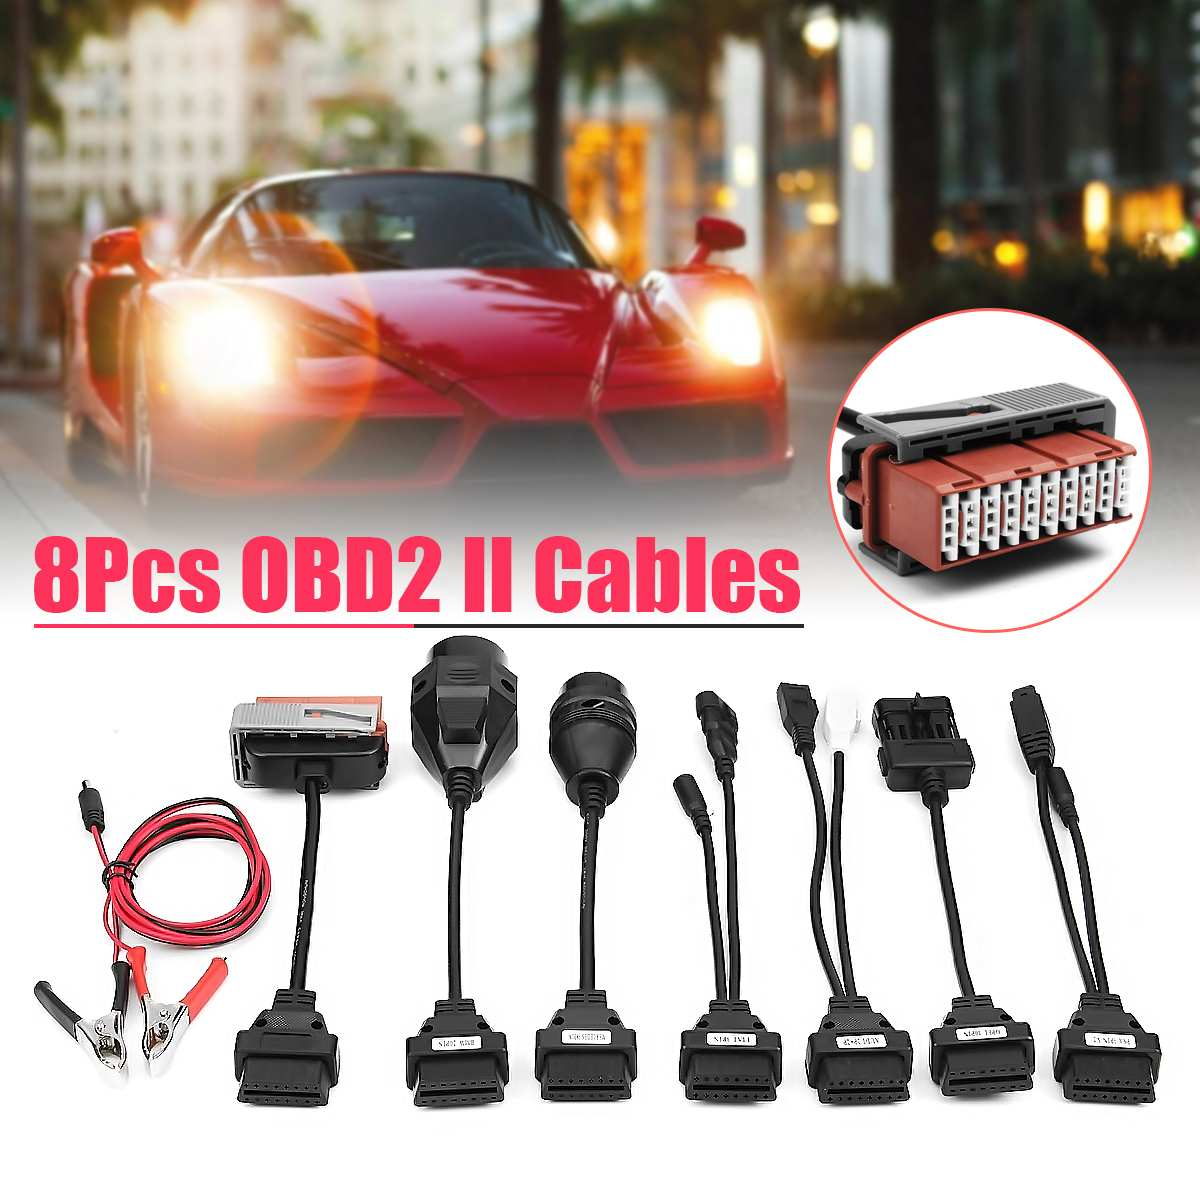 8 sztuk pełny zestaw samochodów ciężarówka kable kabel samochodowy narzędzie diagnostyczne OBD2/OBD1 kable samochodowe adapter diagnostyczny złącze